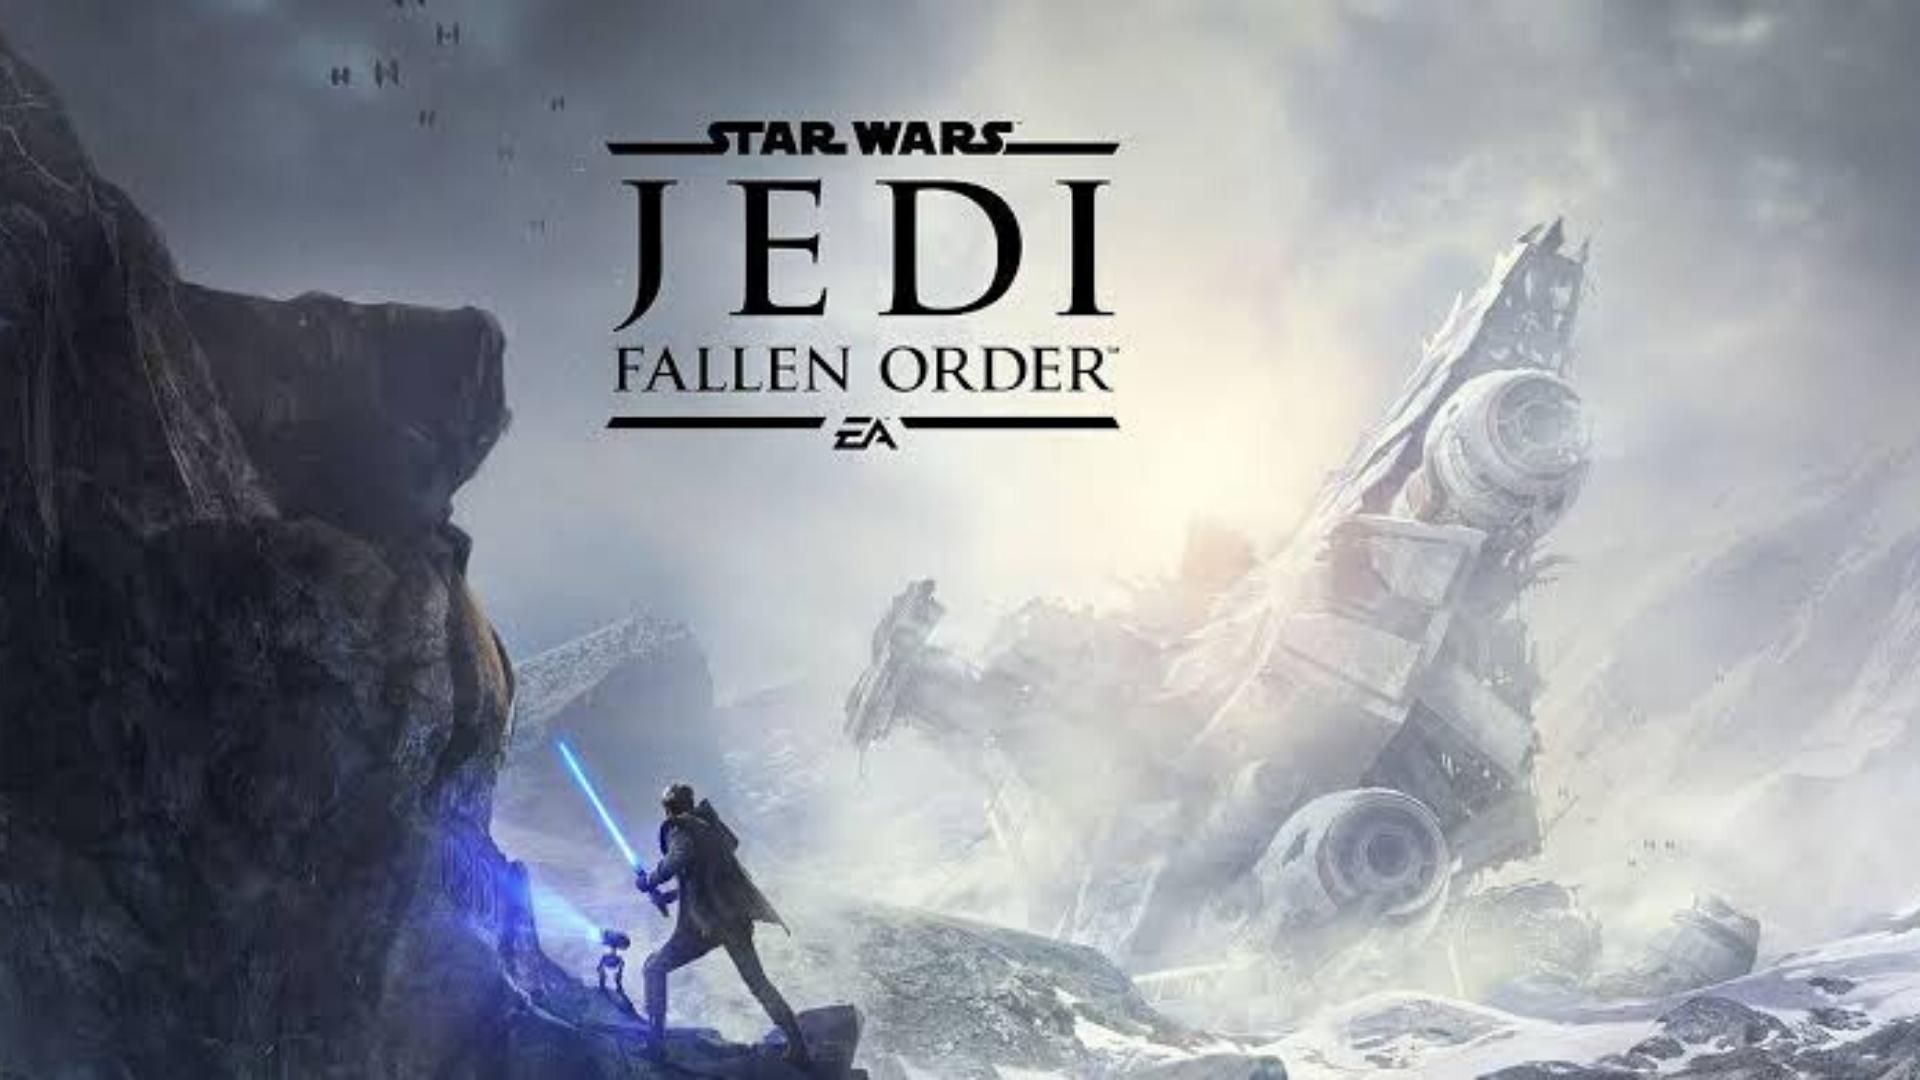 Star Wars Jedi Fallen Order Copies Are In The Wild As Pre